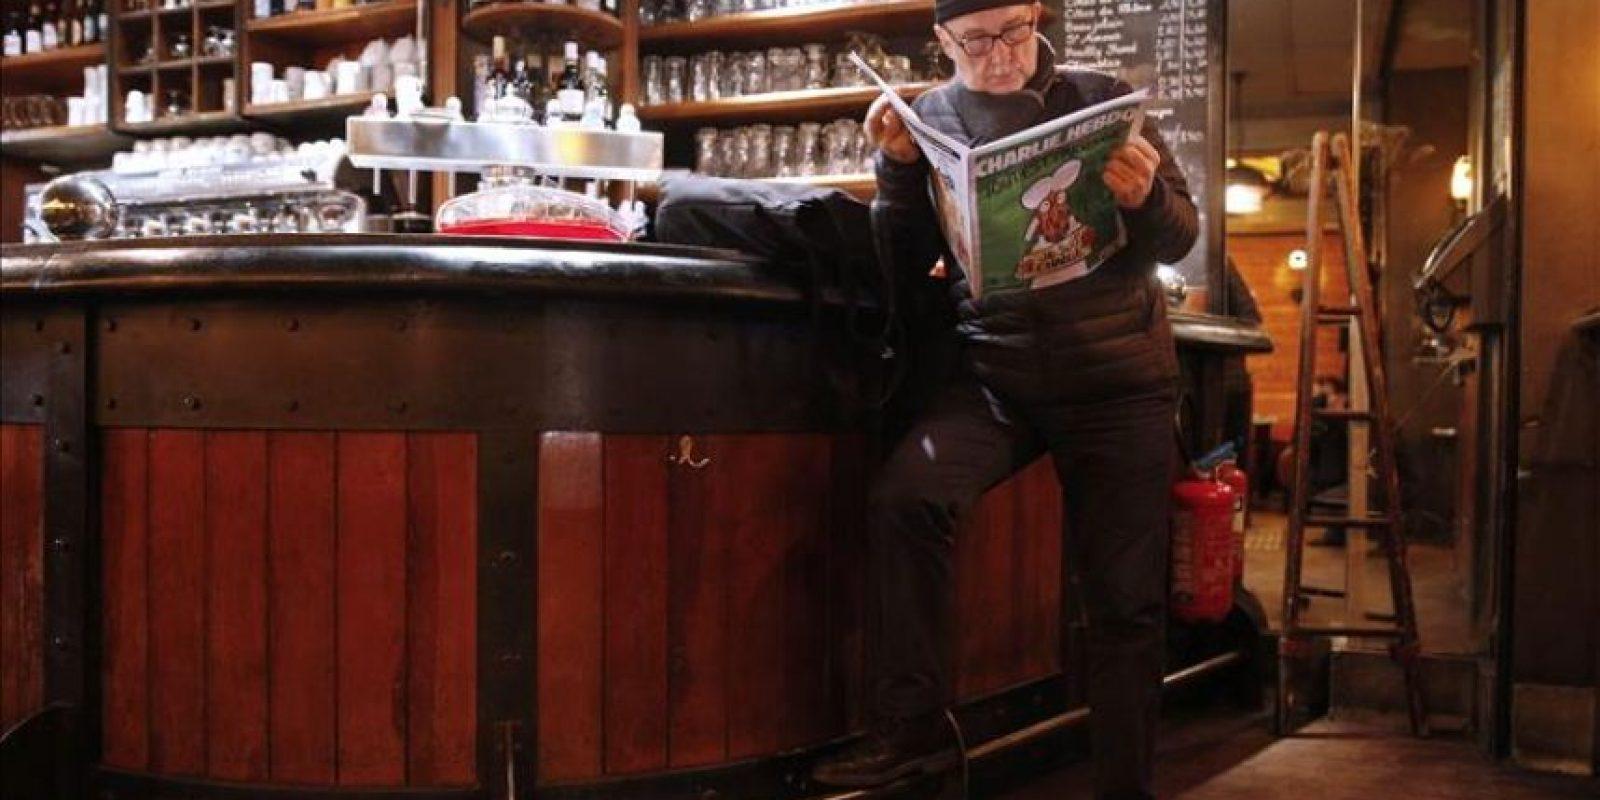 Un hombre lee la nueva edición del semanario satírico Charlie Hebdo en una cafetería en París (Francia) este miércoles. EFE